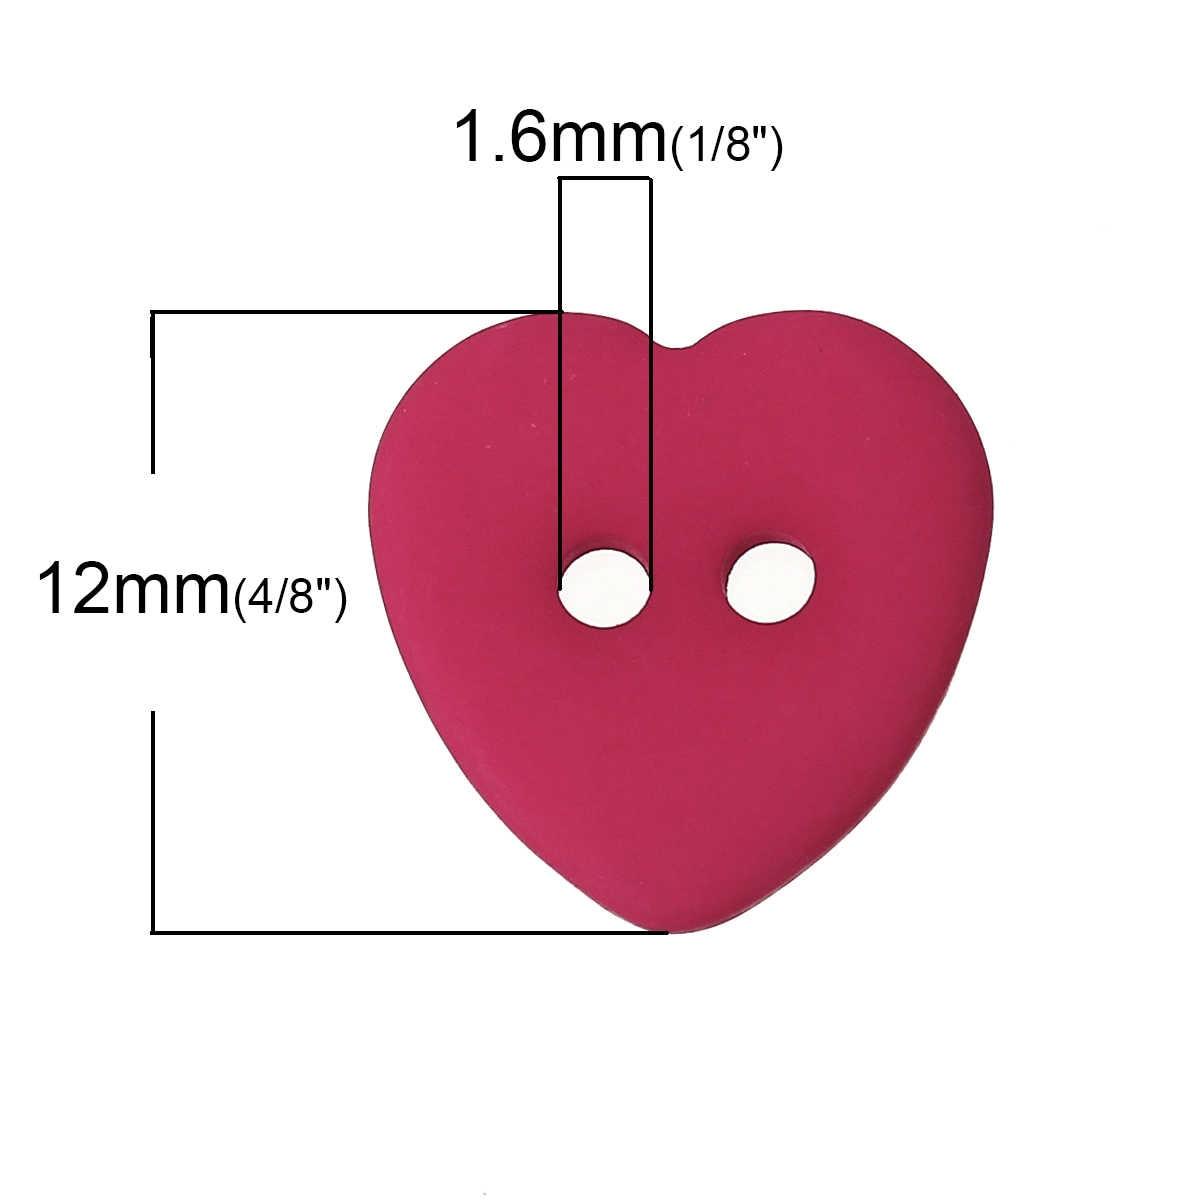 """Botão de costura de resina scrapbooking coração misturado 2 furos 12mm (4/8 """") x 12mm (4/8""""), 15 peças novo"""